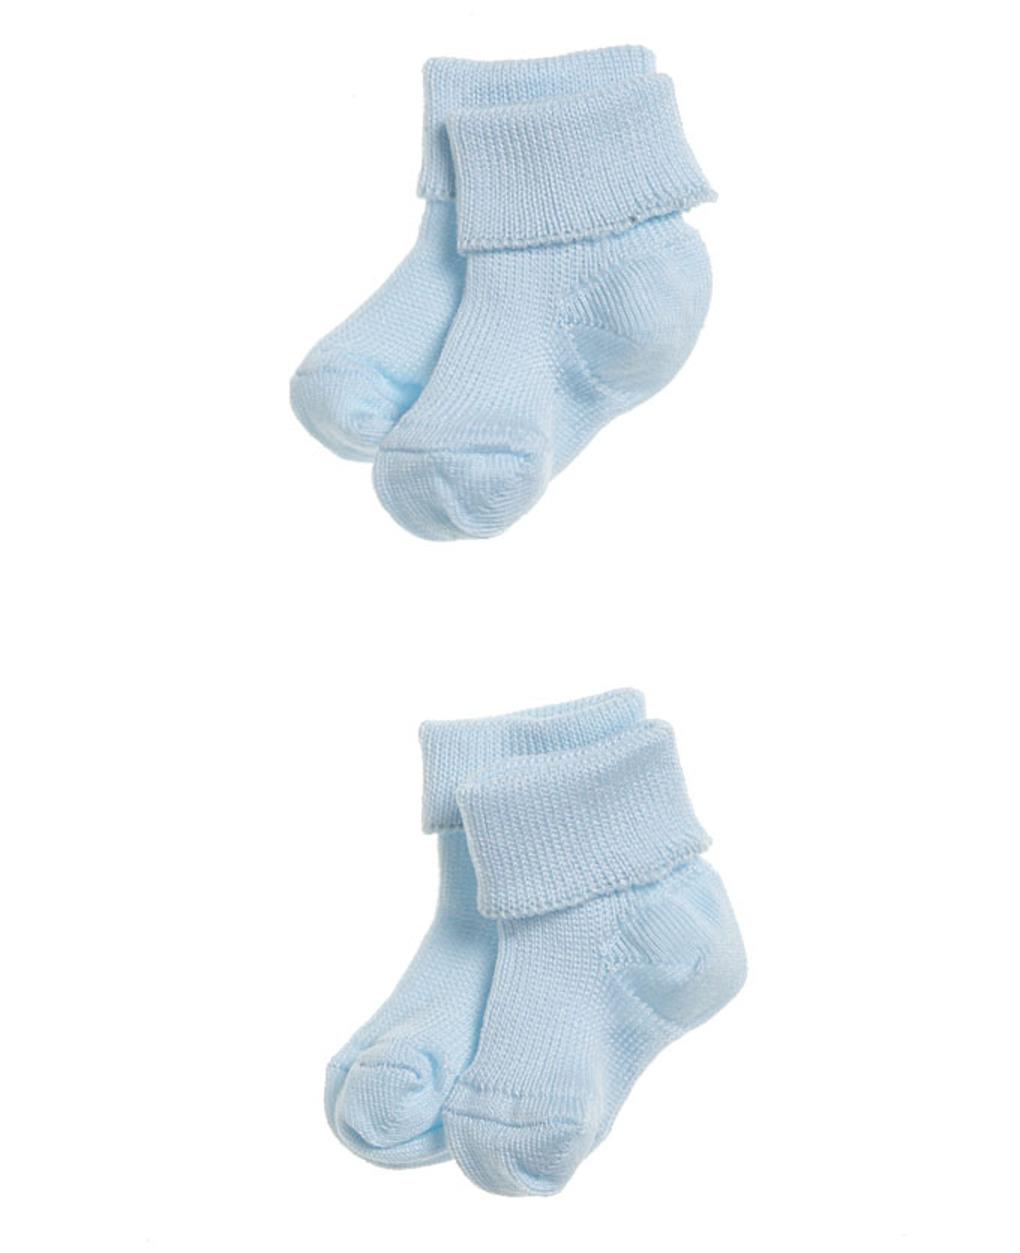 Pack 2 calzine azzurre per prematuri - Prénatal